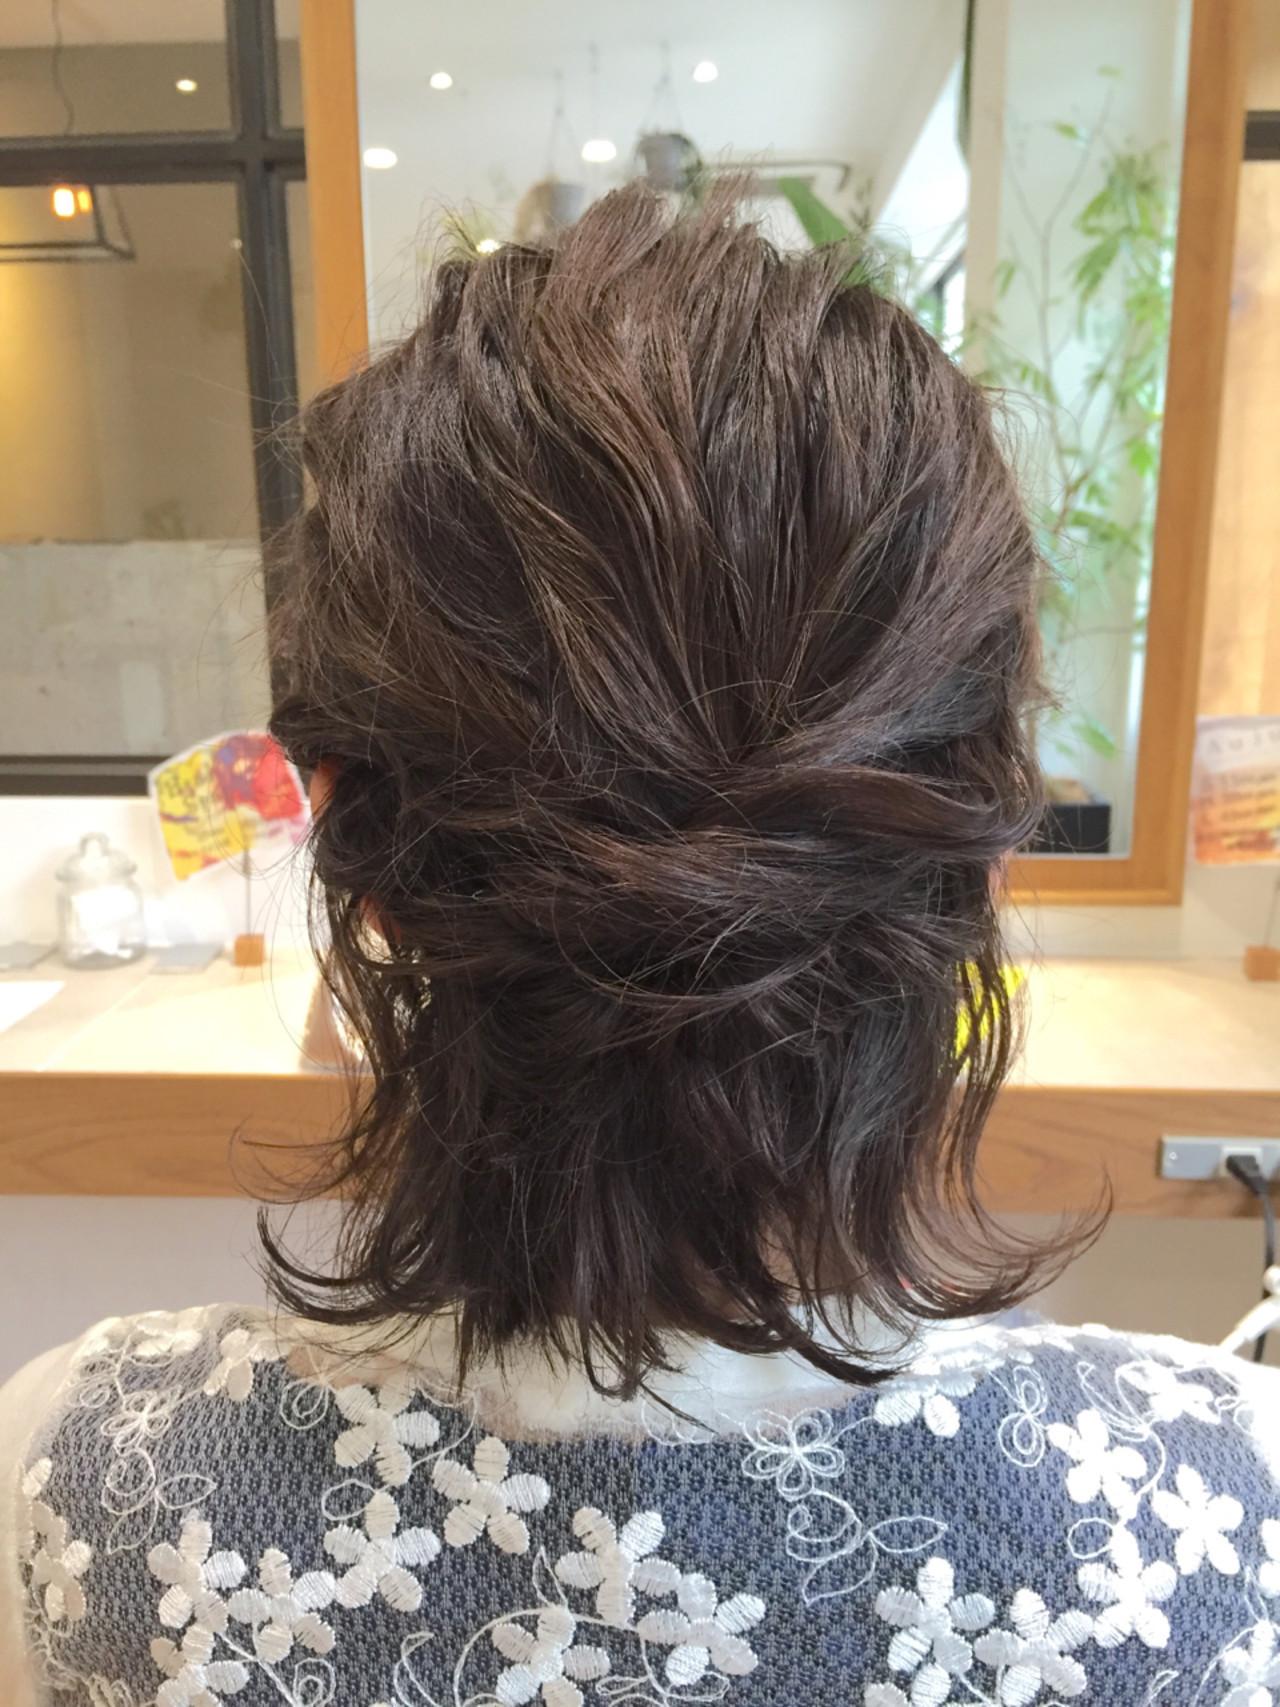 ハーフアップ 切りっぱなし 簡単ヘアアレンジ ウェットヘア ヘアスタイルや髪型の写真・画像